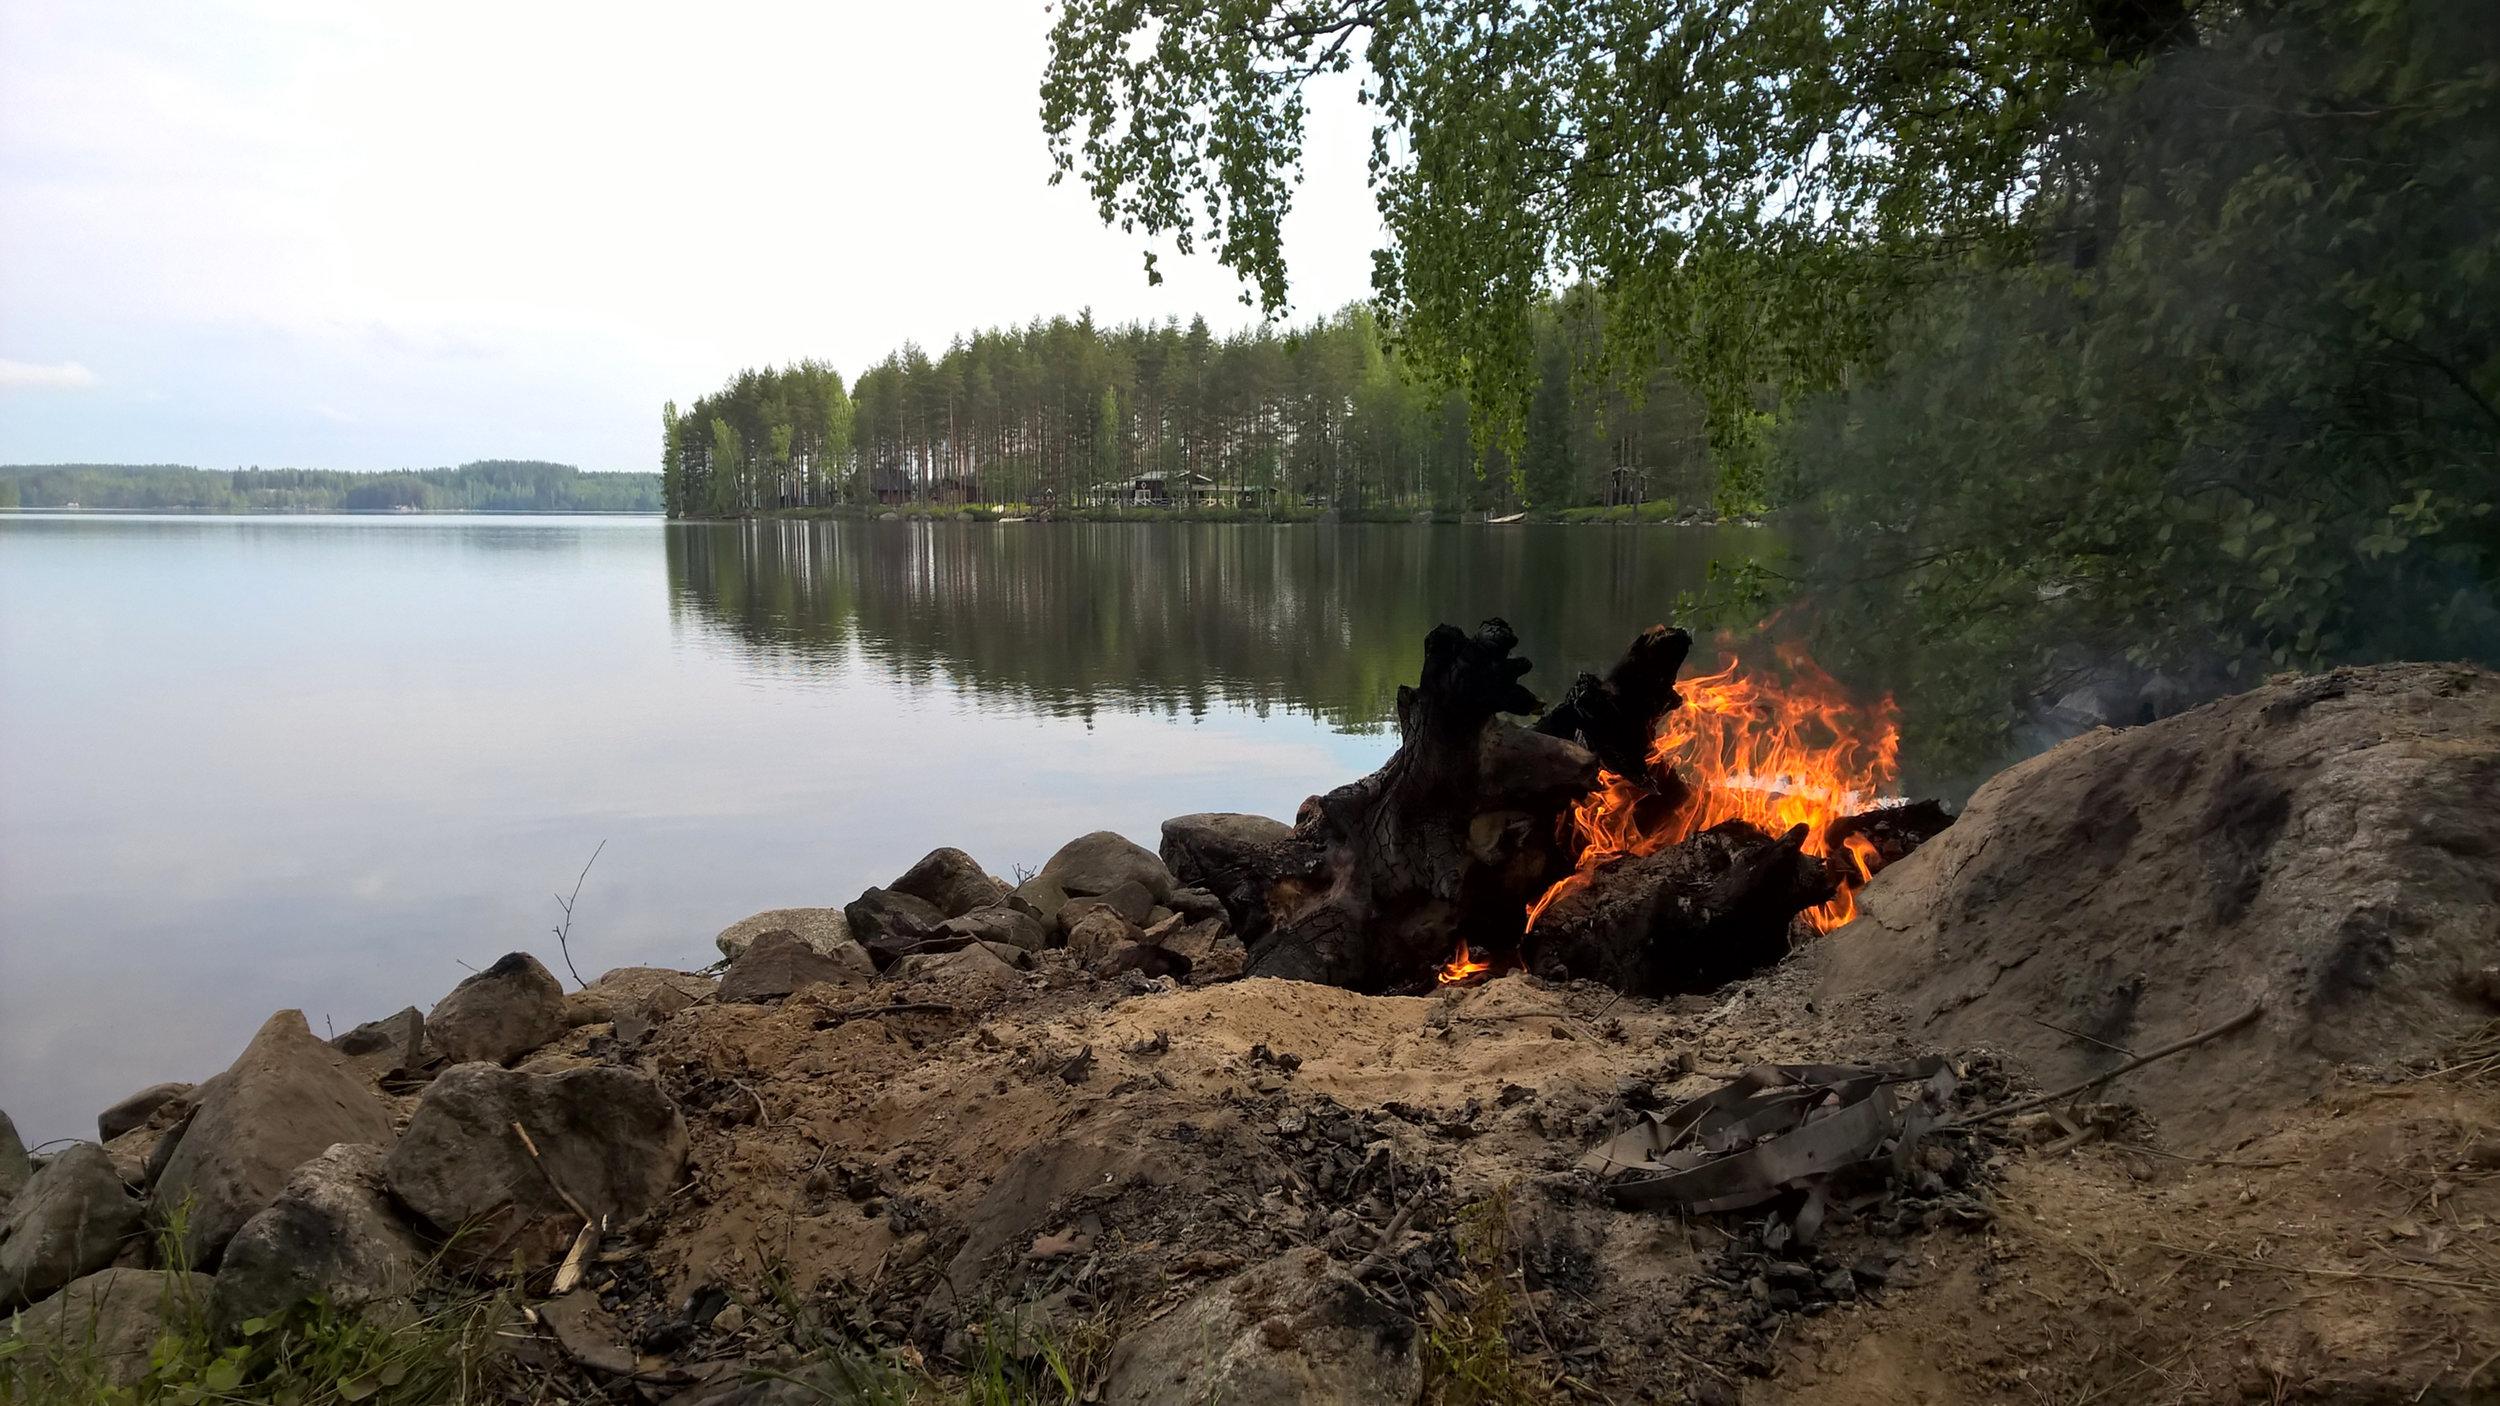 Kuva: Jari Lantta